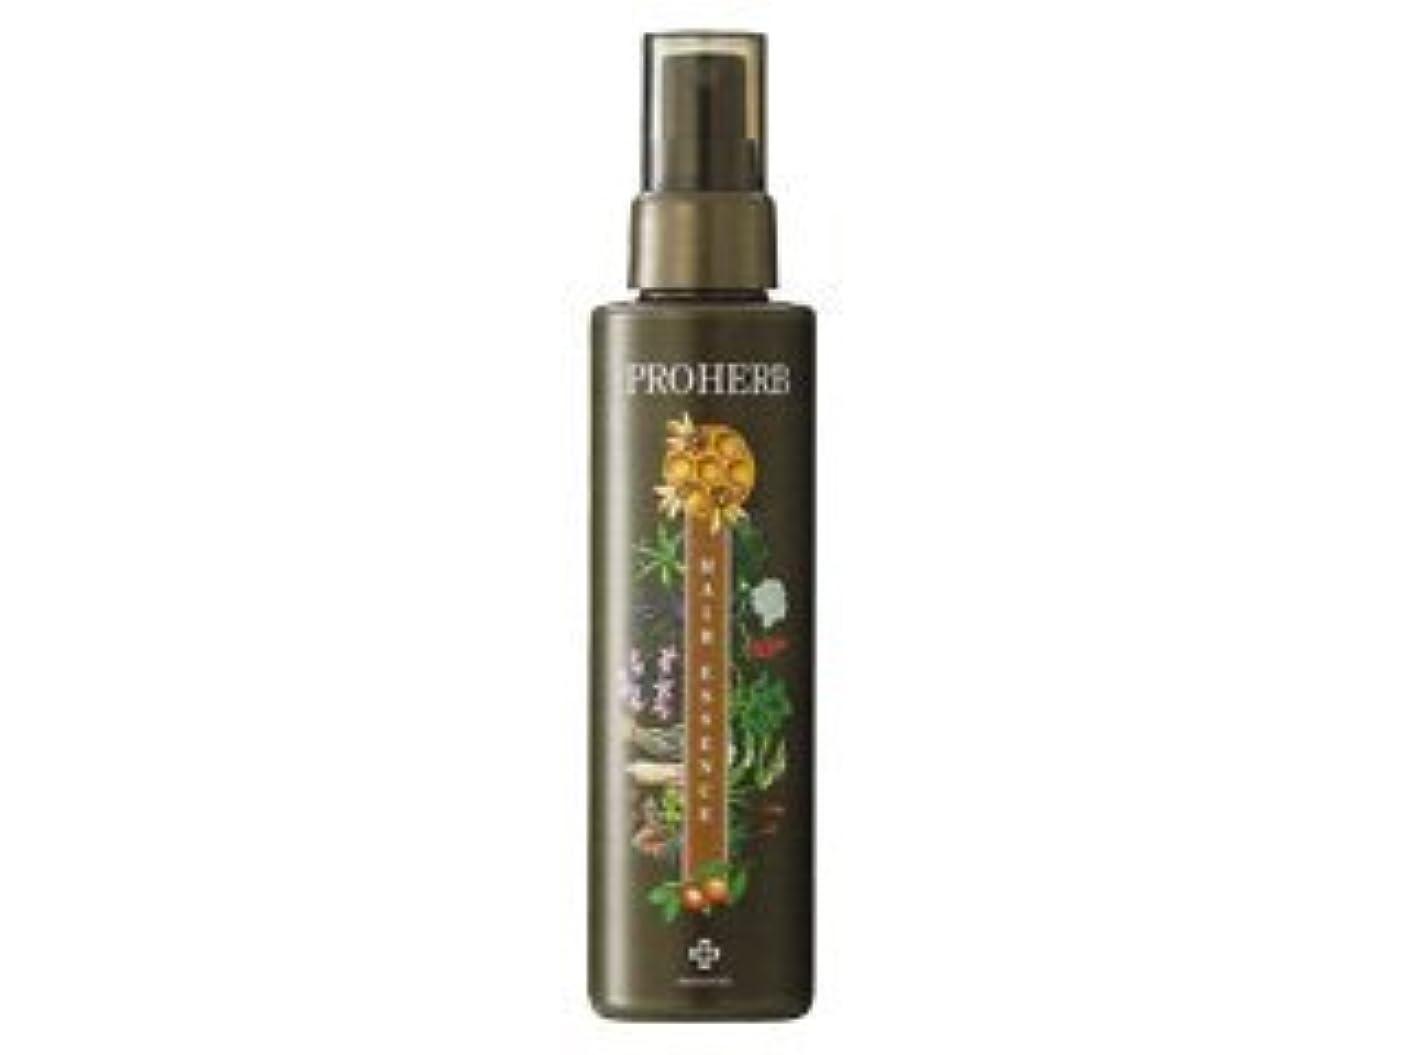 衣服衣服色合いプロハーブEM薬用育毛剤 150ml ※頭皮を柔らかく整え、強くたくましい髪を育てます!